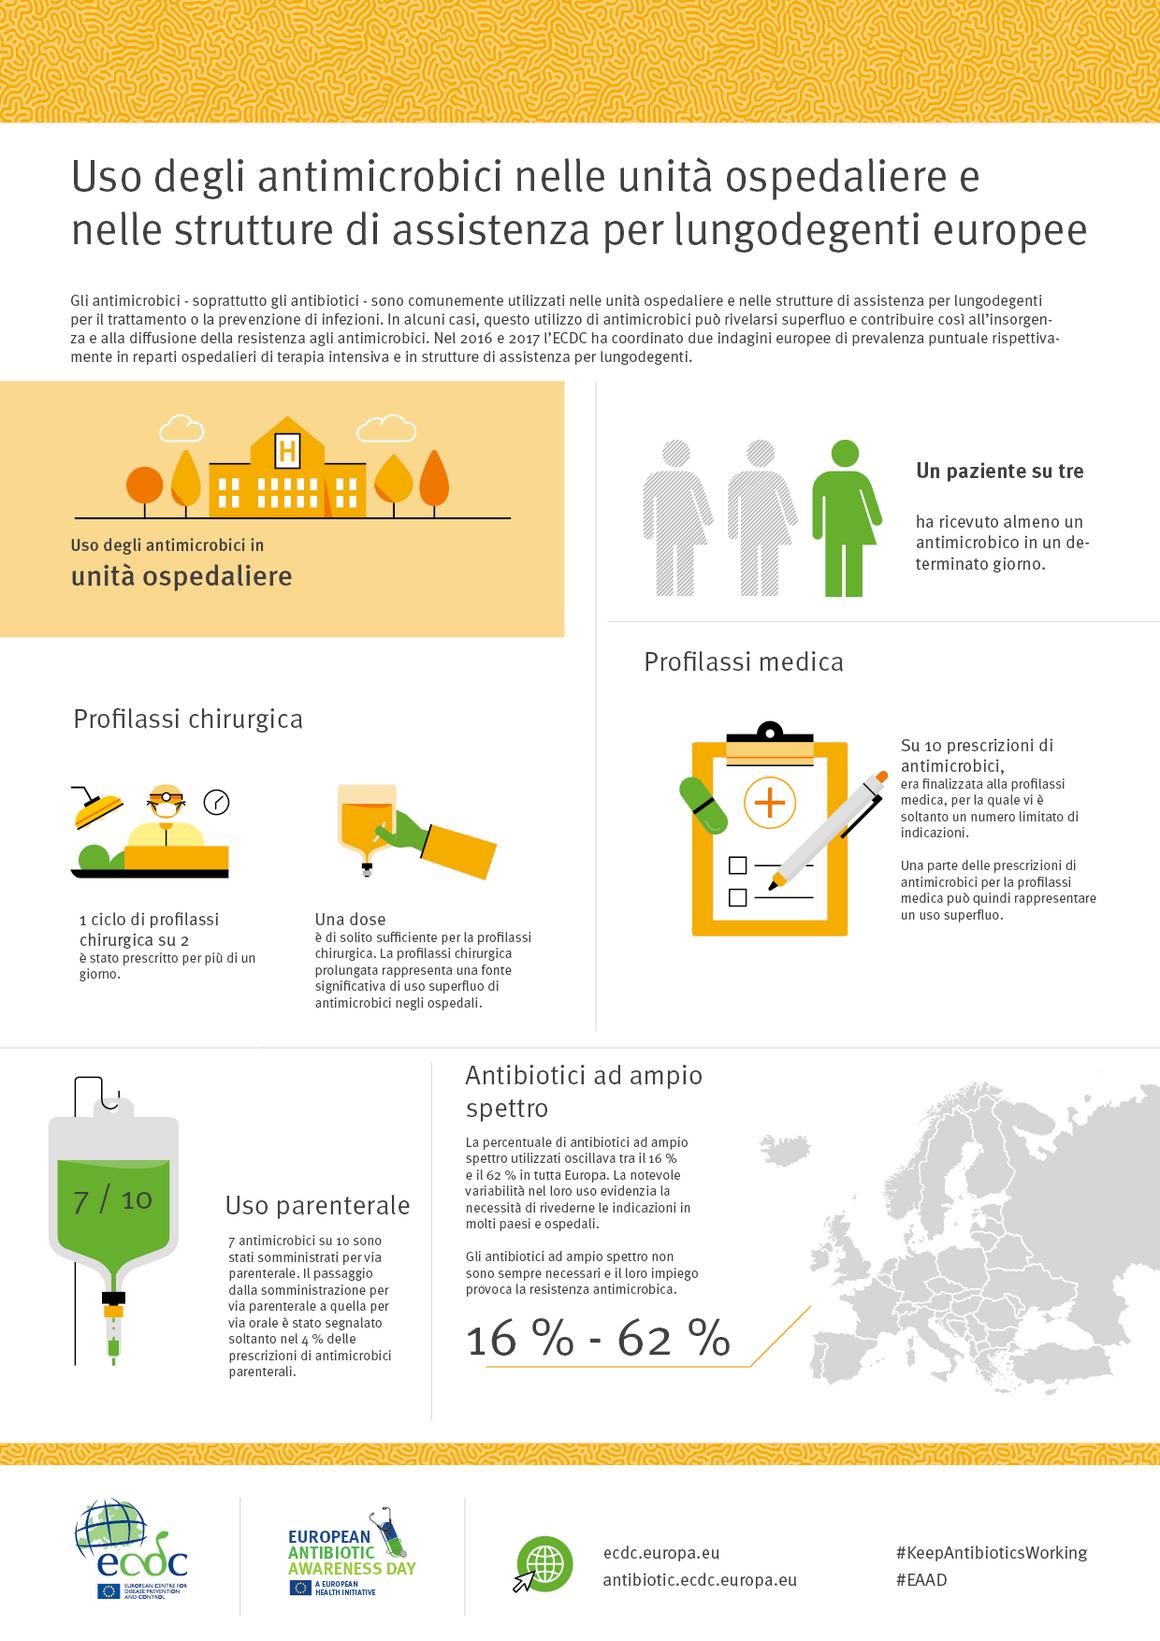 Uso degli antimicrobici nelle unità ospedaliere e nelle strutture europee di assistenza a lungo termine